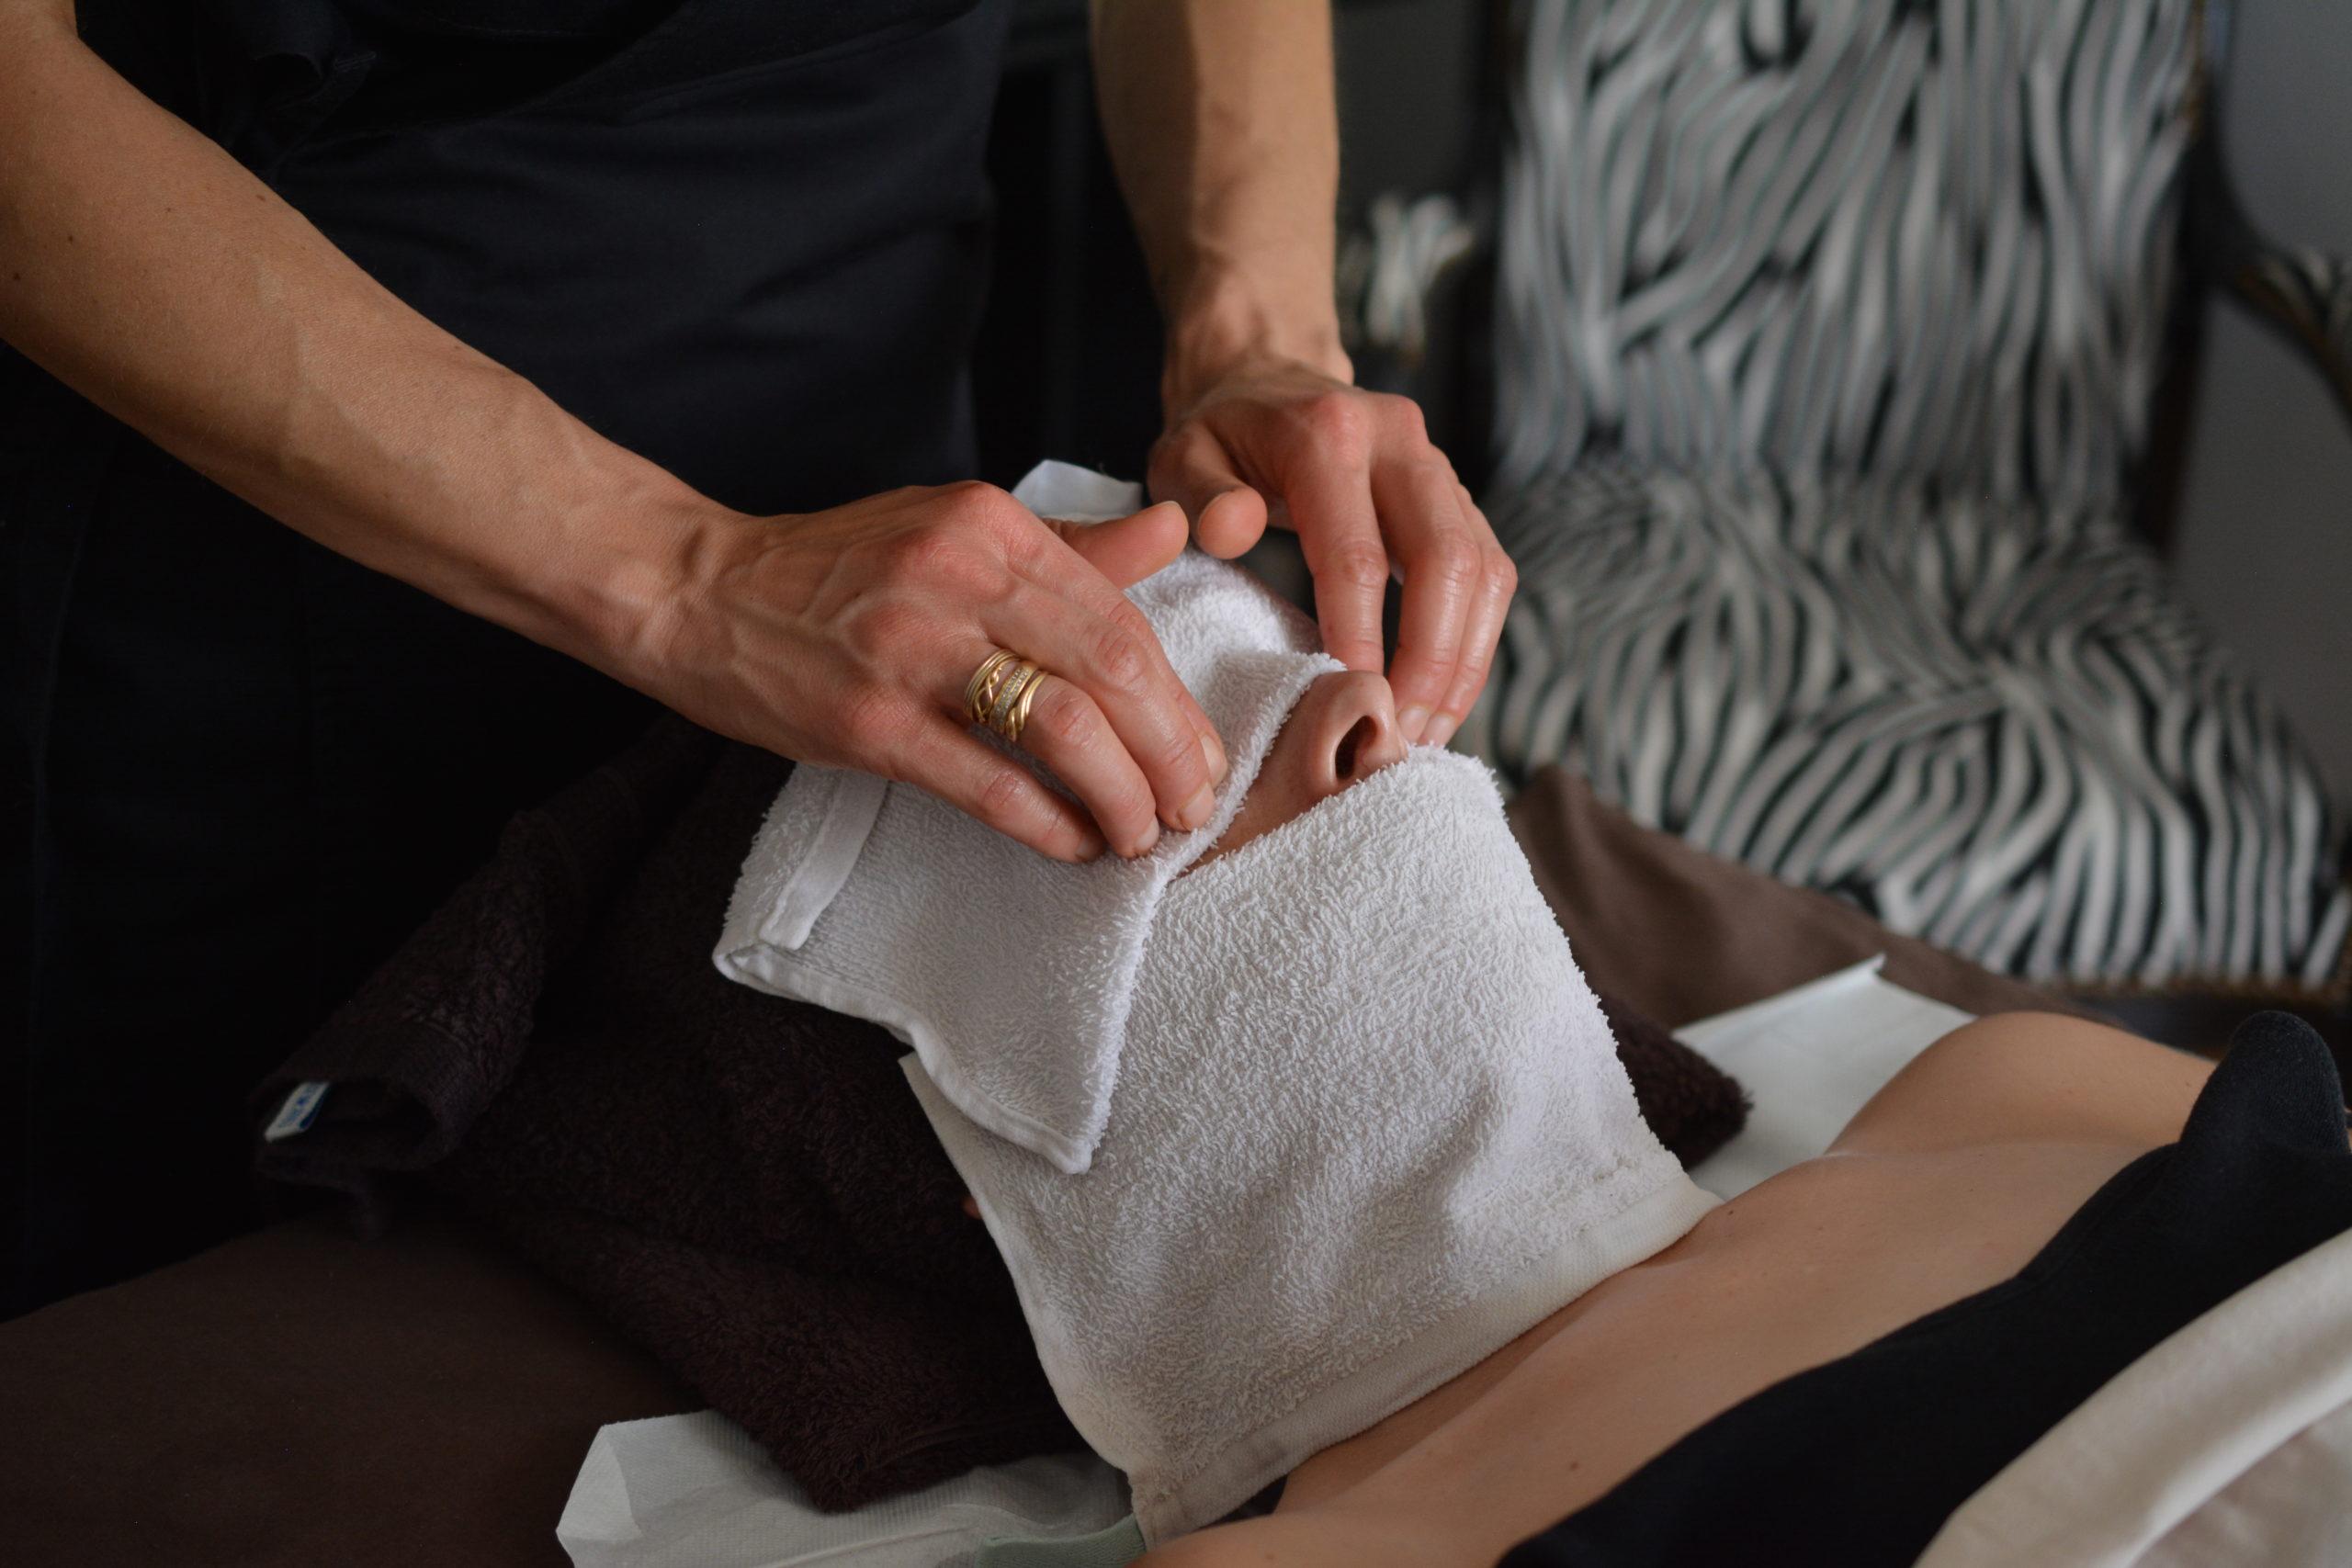 Le Massage Des Paupières : Pour Qui? Pour Quoi?